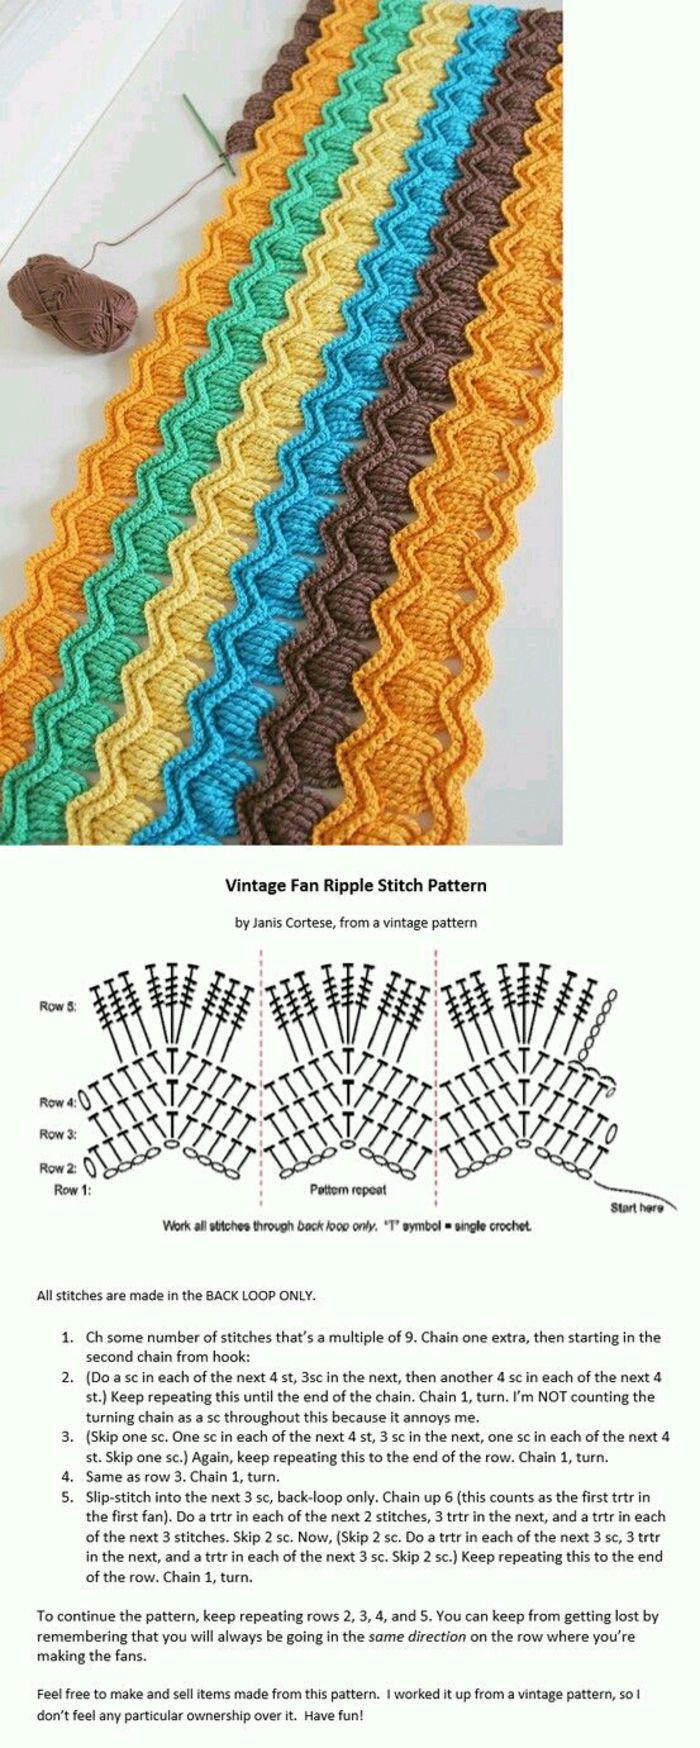 Схема вязания скатерти крючком для уютного отдыха. Связать 15